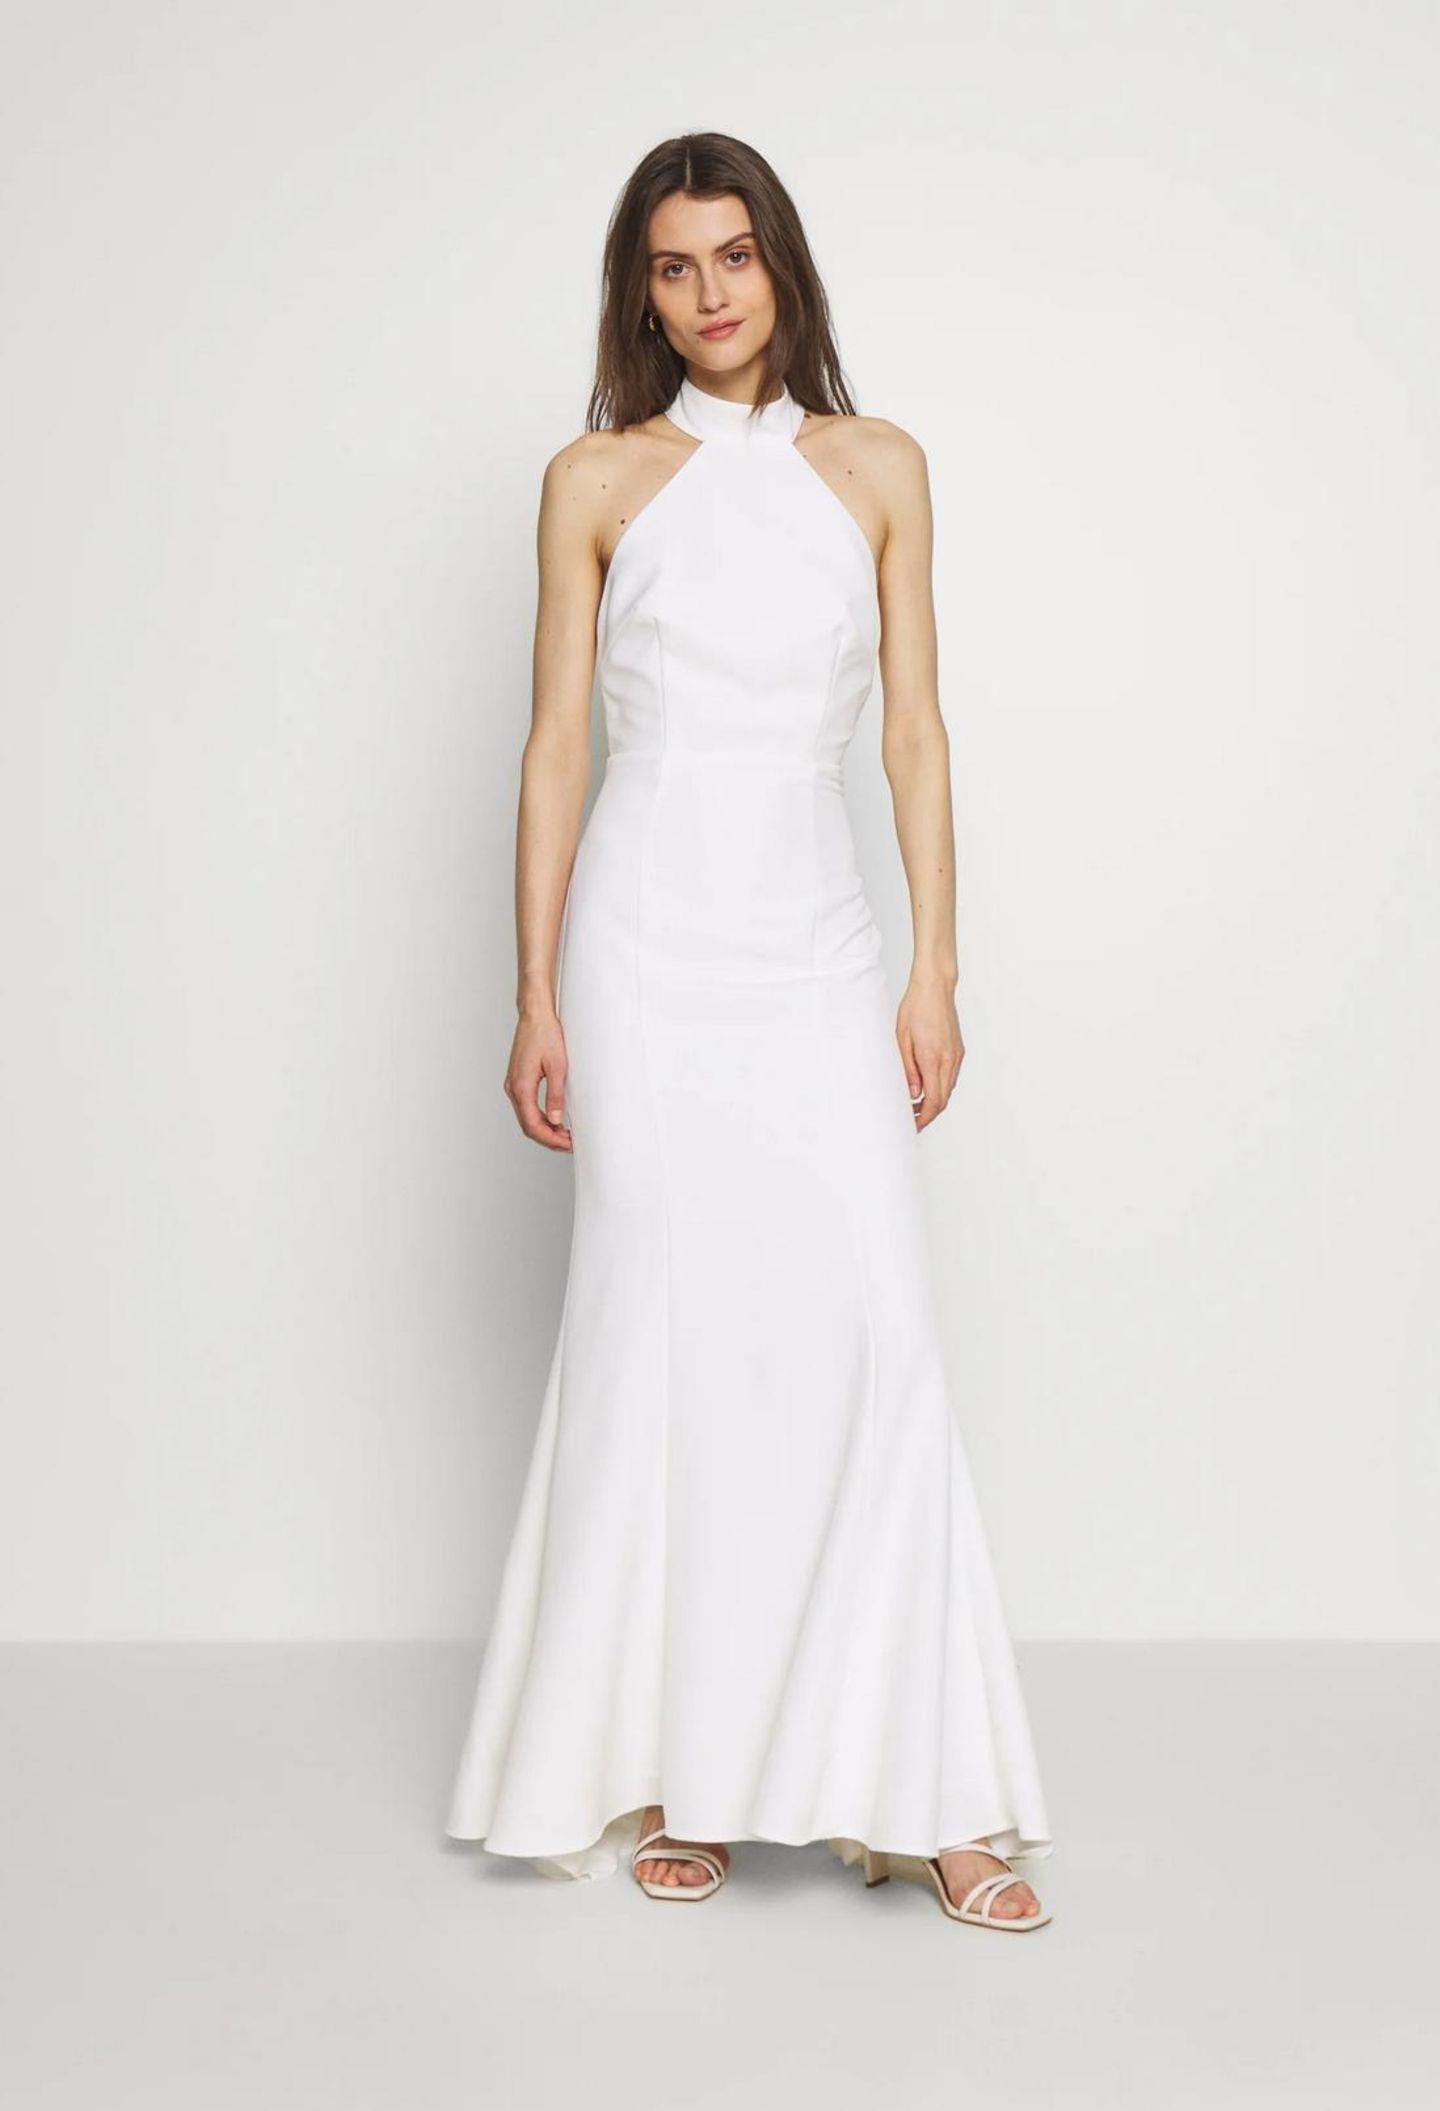 Ein Model präsentiert ein Neckholder-Brautkleid.